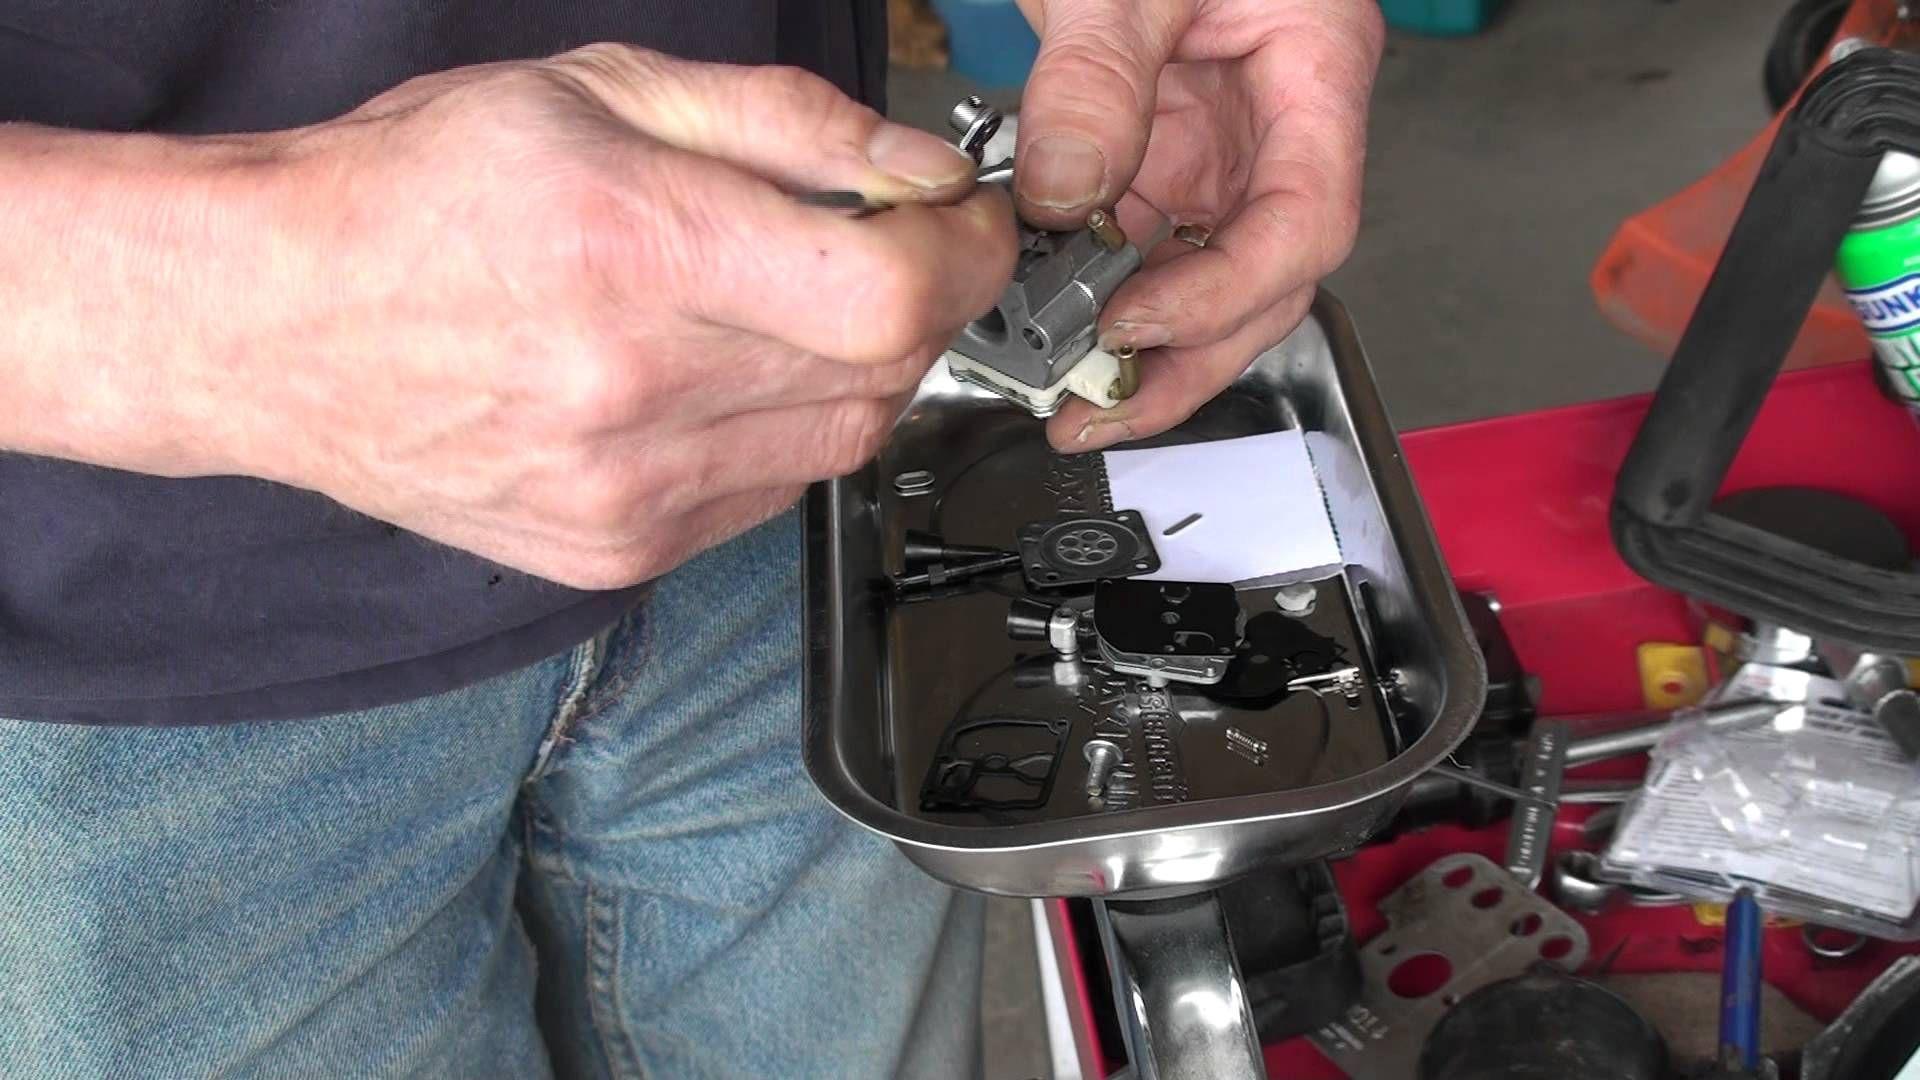 YouTube Lawn mower repair, Carbs, Repair